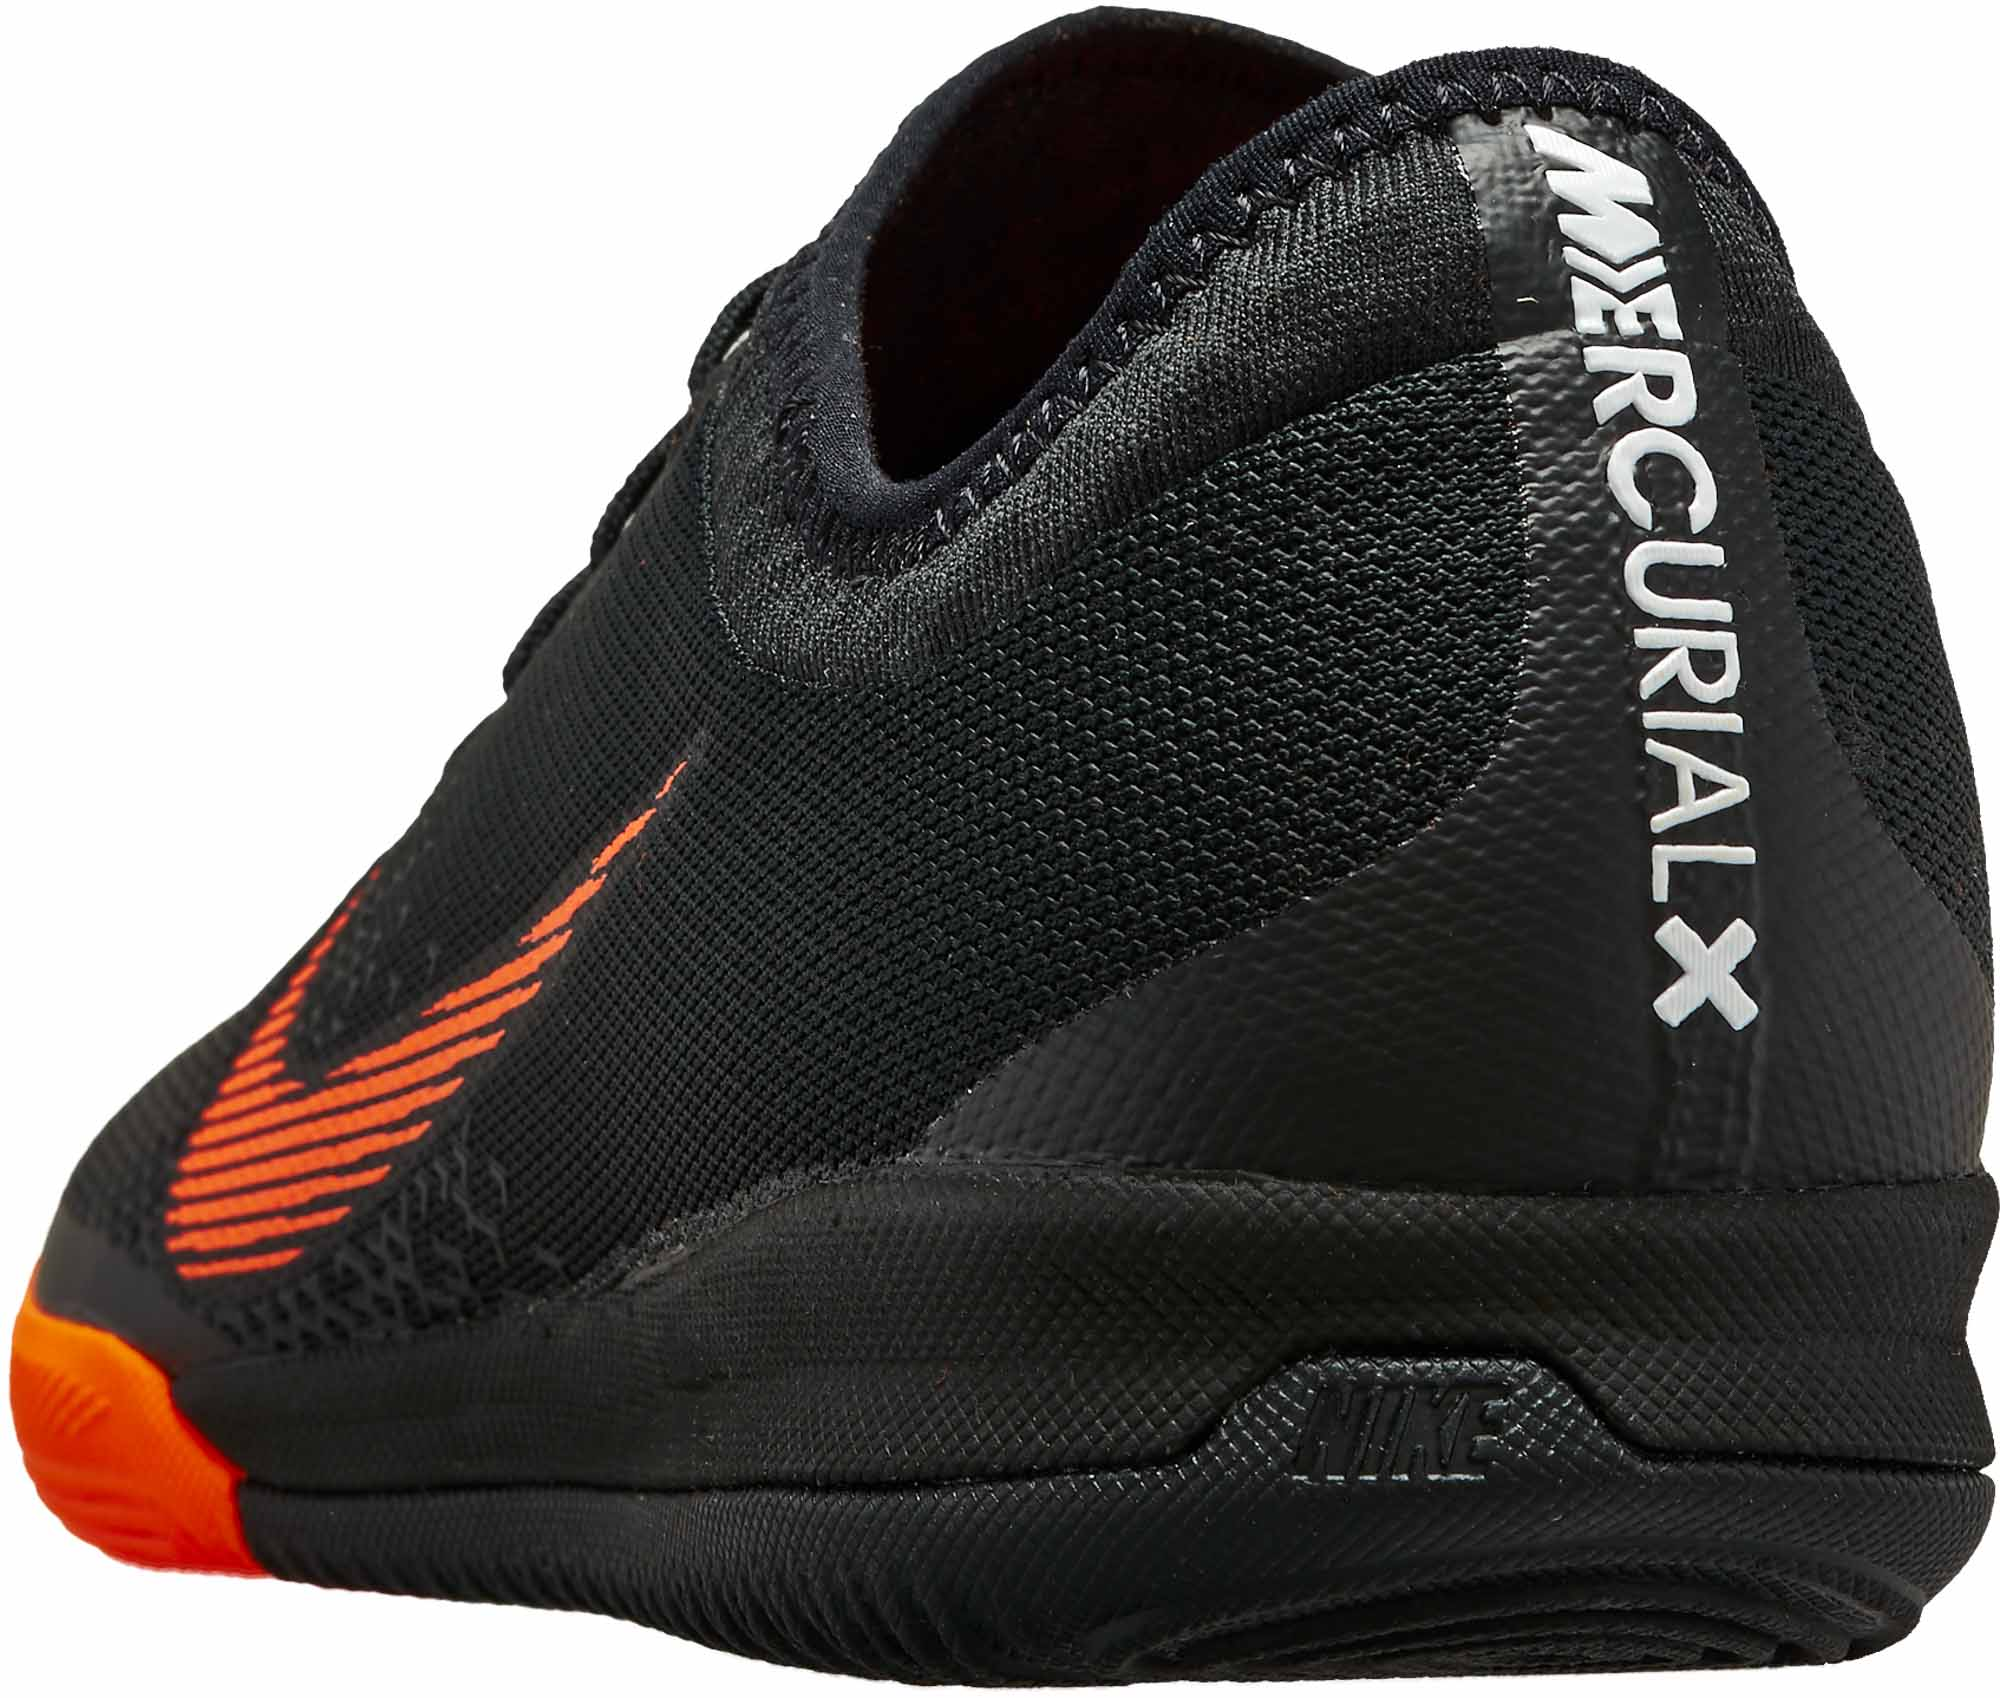 more photos 64d94 e8ff6 Nike VaporX 12 Pro IC - Black & Total Orange - Soccer Master